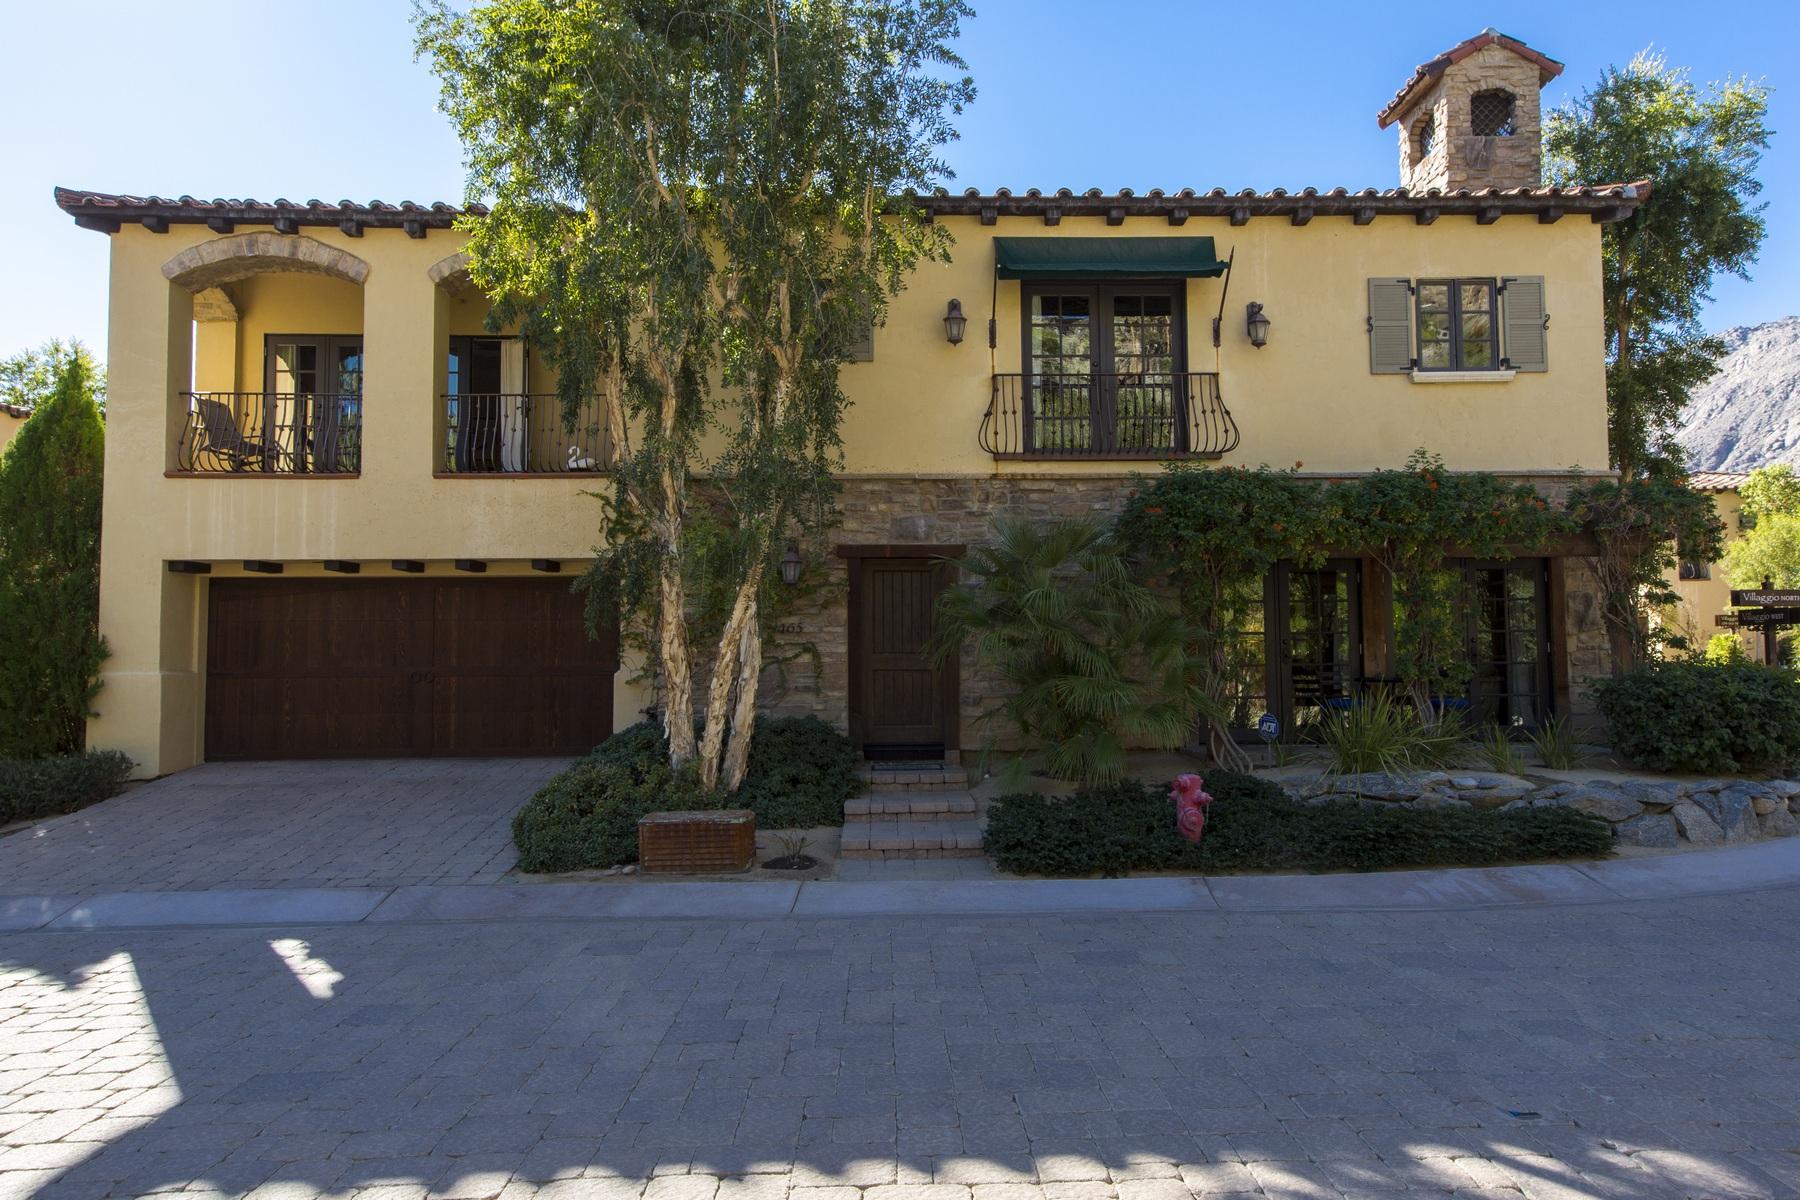 Maison unifamiliale pour l Vente à 465 Villaggio Palm Springs, Californie 92262 États-Unis